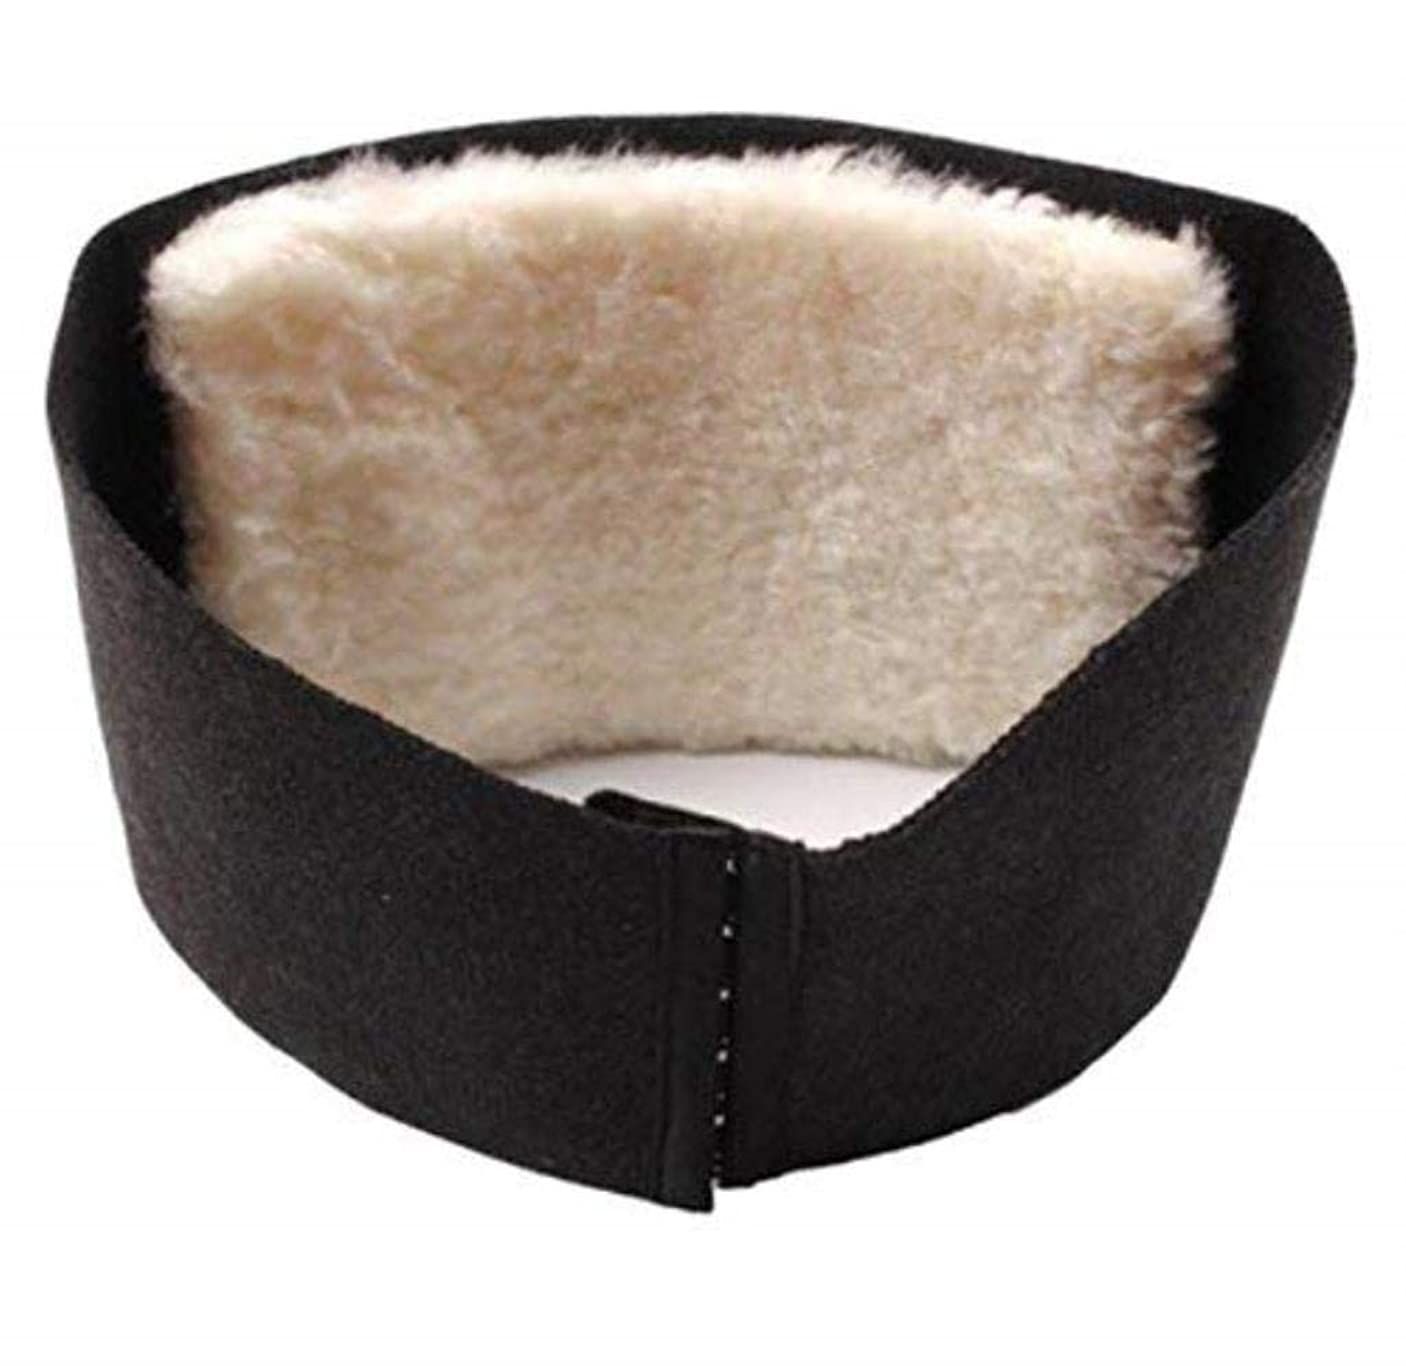 ヒギンズ概してメロドラマティックスポーツ/仕事/フィットネスに適したウエスト暖かいベルト、ウール医療ウエストサポートベルト、暖かい腰のサポート、